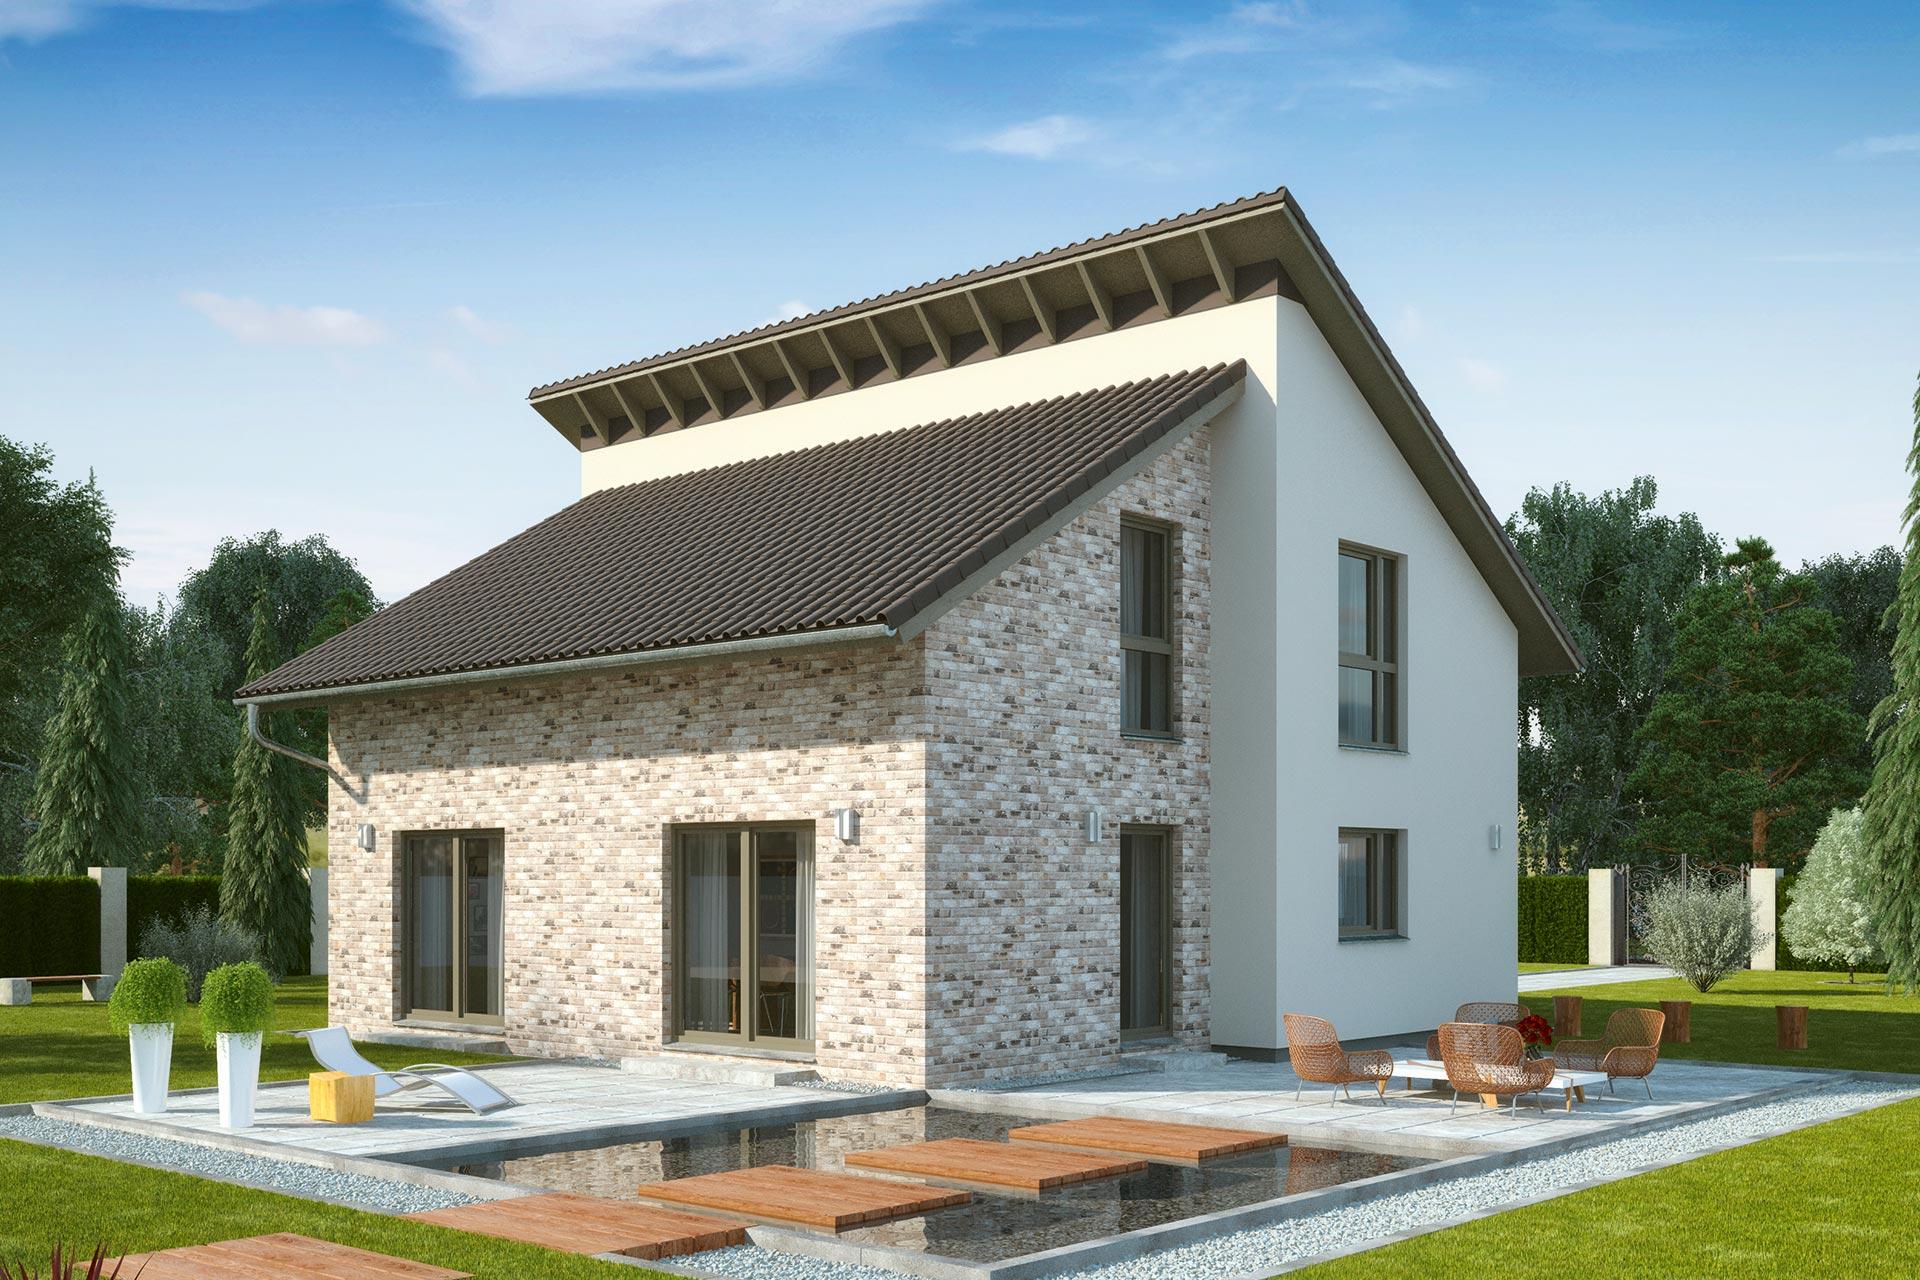 Einfamilienhaus guenstig bauen - Nussbaumallee - versetzte Baukörper ...